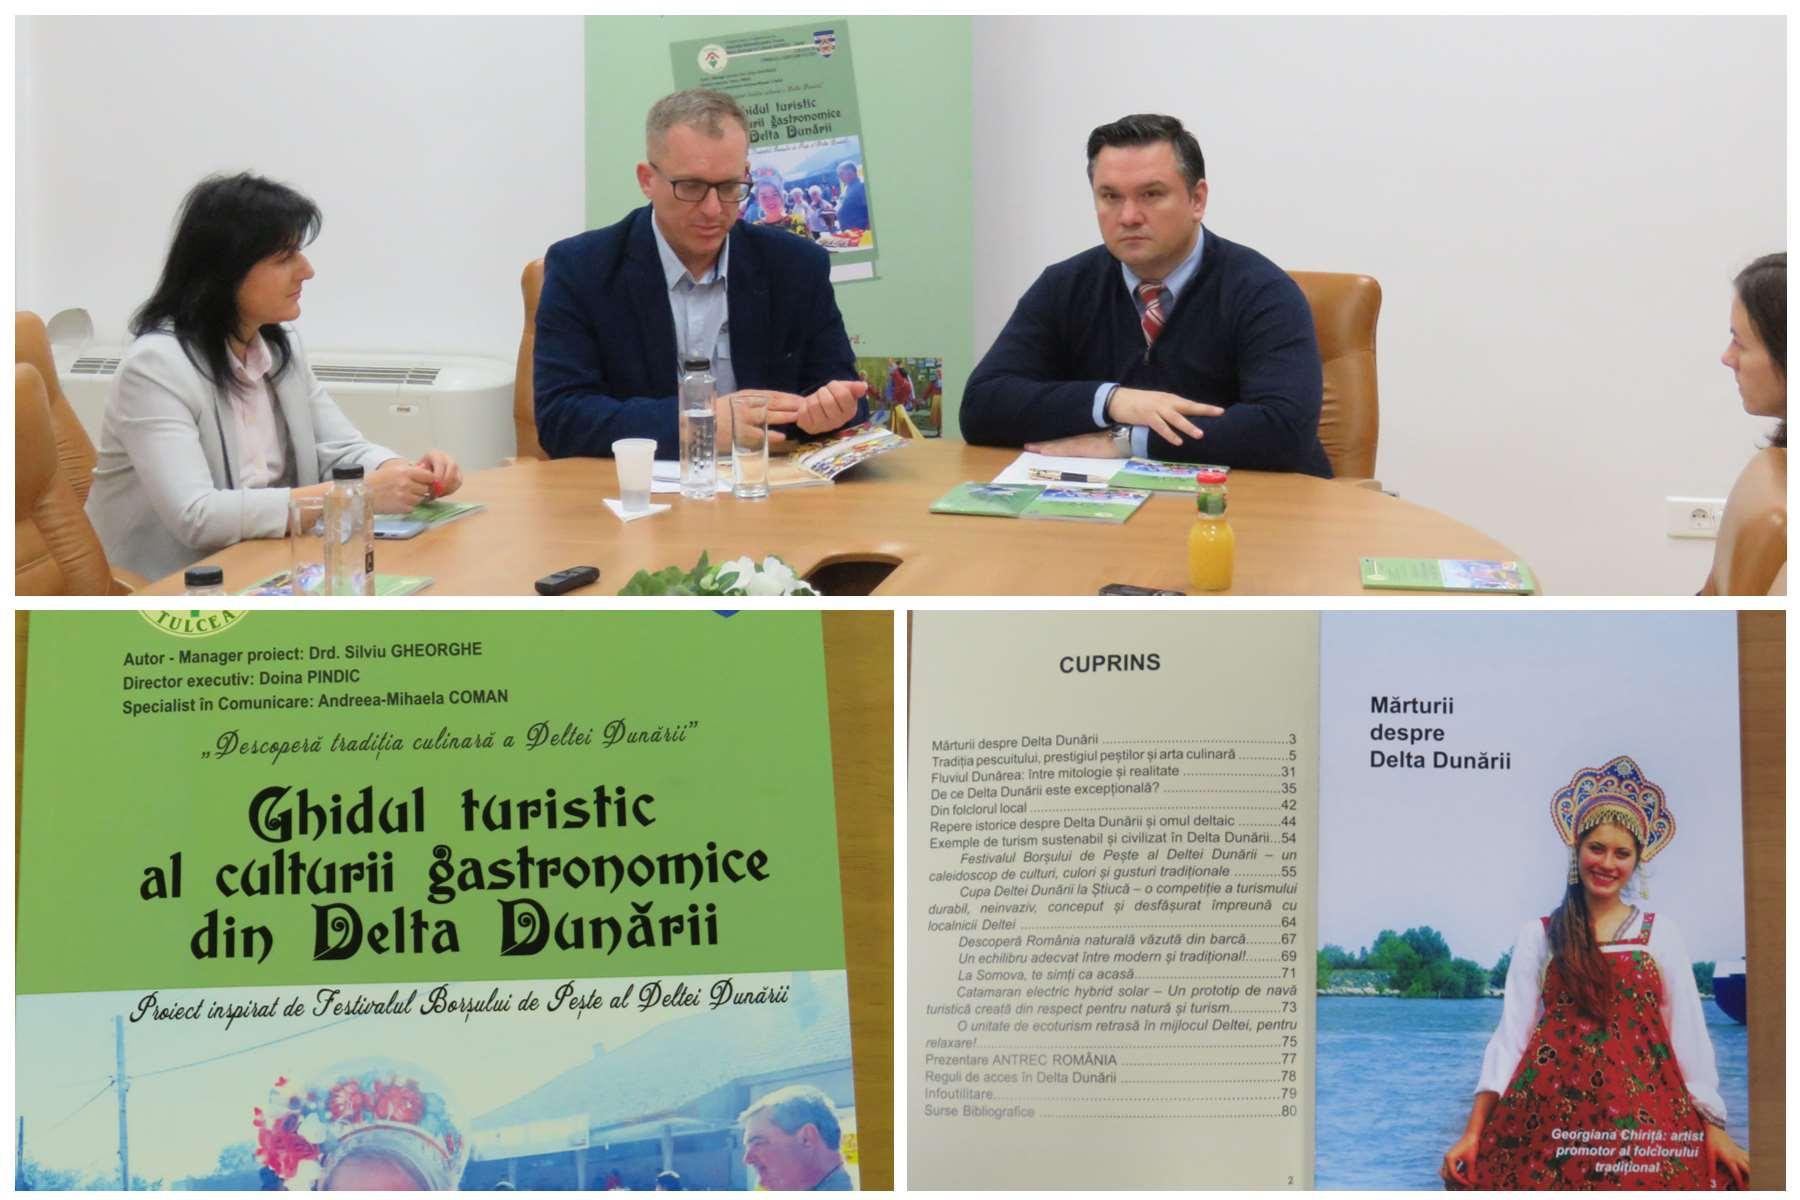 Ghidul turistic al culturii gastronomice din Delta Dunării